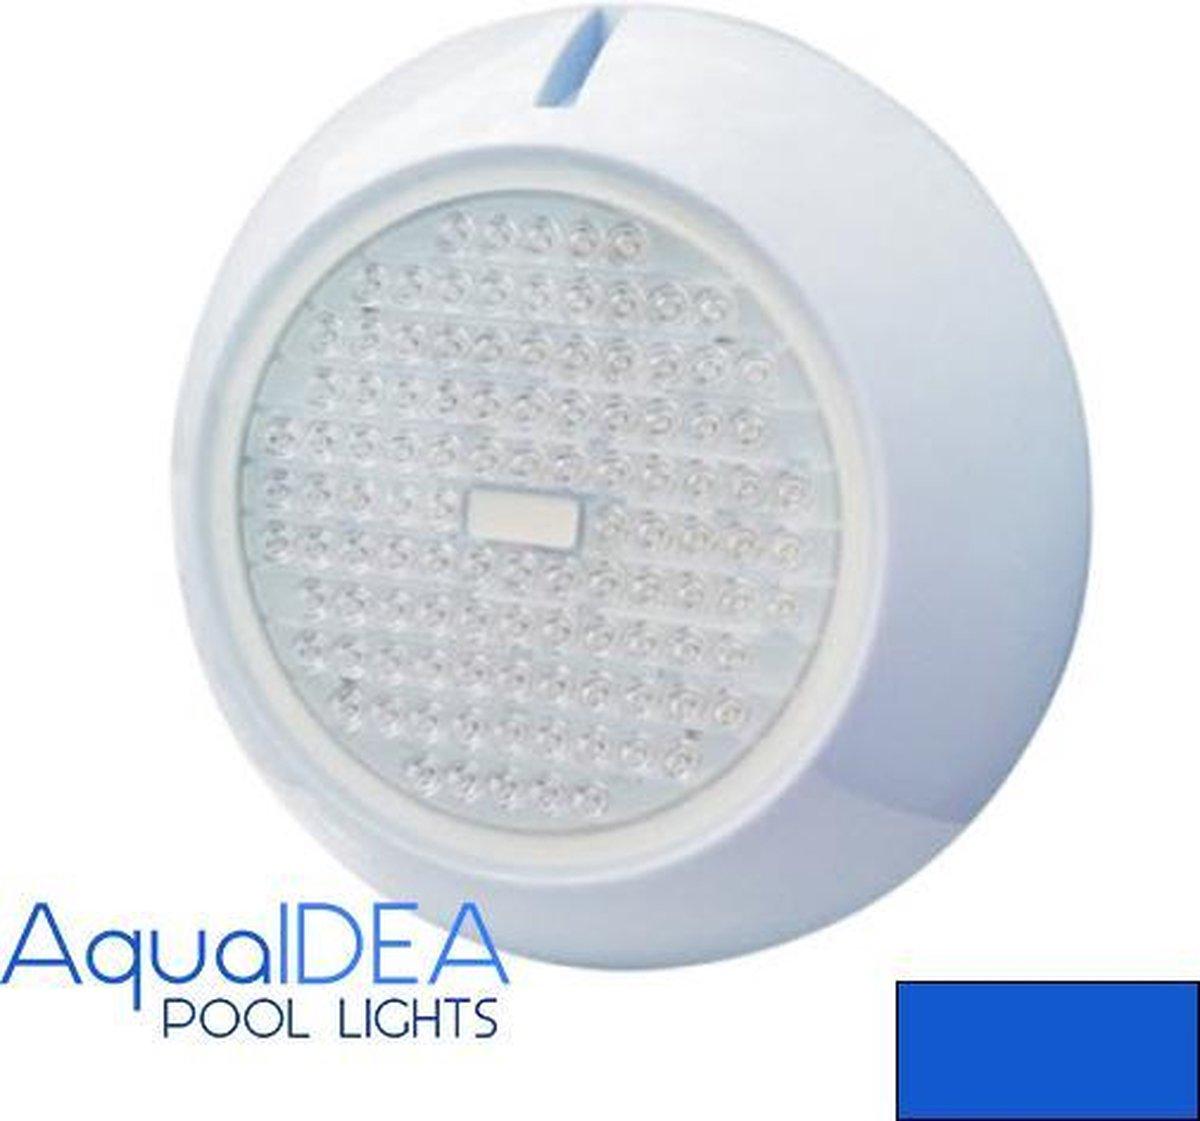 AquaIDEA Zwembadverlichting 20W BLAUW LICHT 12 volt 108 SMD LEDs Ø250mm Opbouw IP68